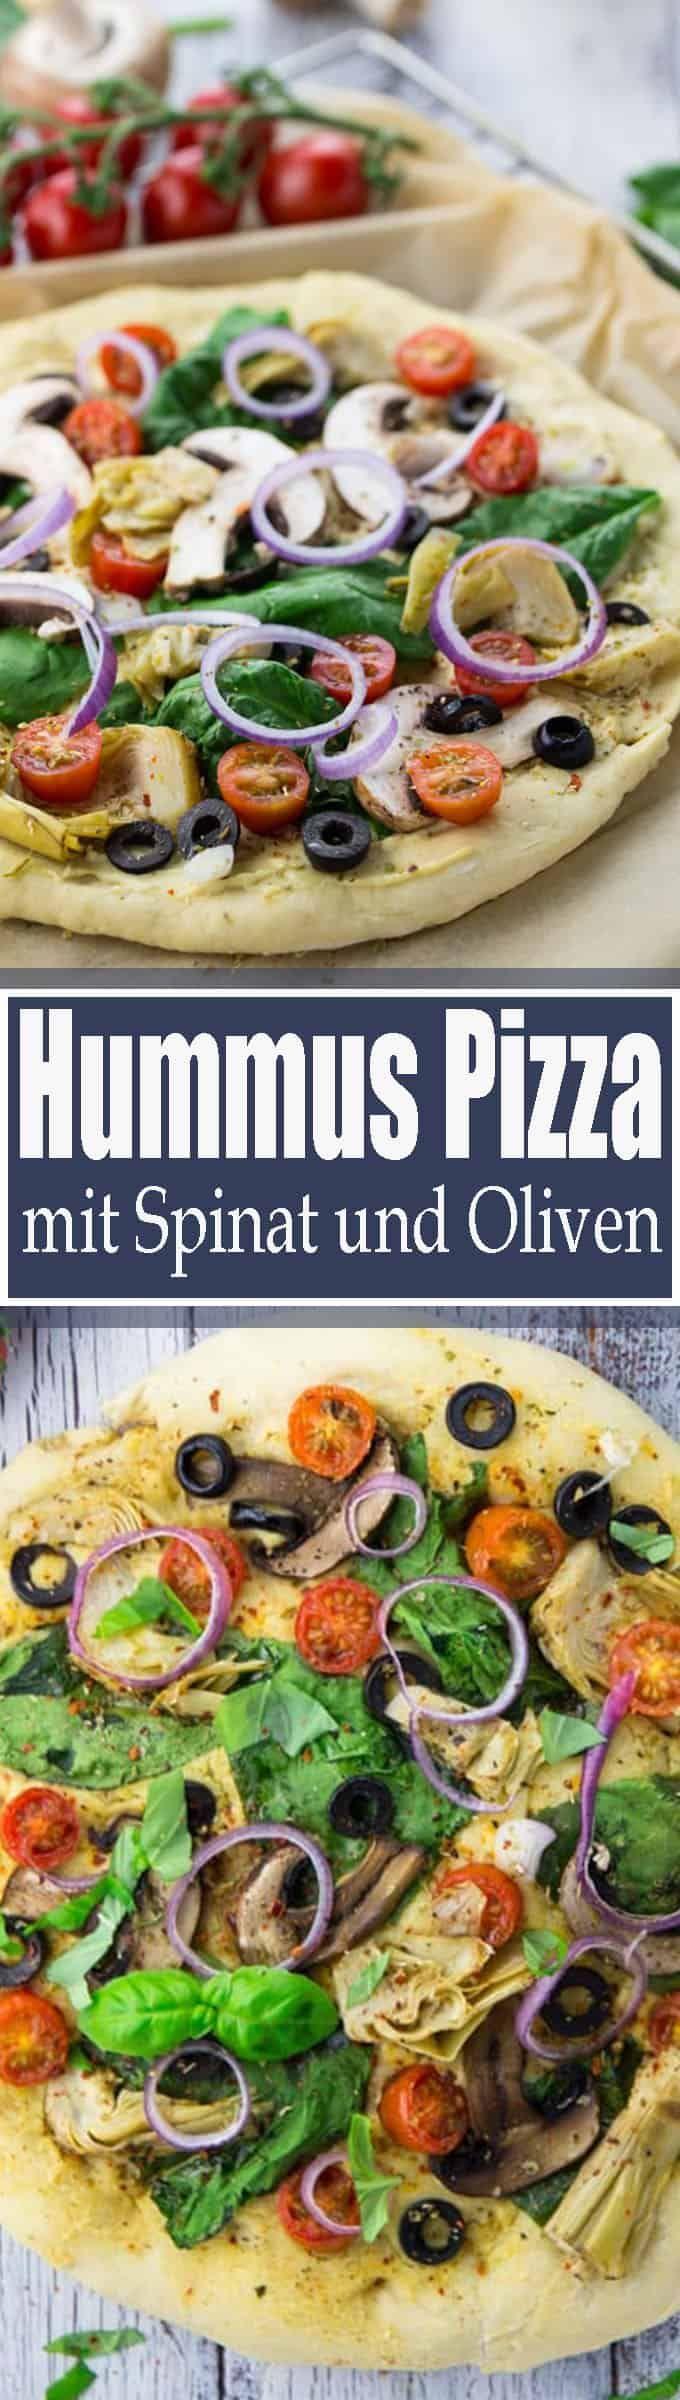 Wenn ihr auf der Suche nach einem leckeren Pizza Rezept seid, ist diese Hummus Pizza mit Spinat, Artichocken und Oliven genau richtig! Mehr vegetarische Rezepte und vegane Rezepte auf veganheaven.de! <3 via @veganheavende